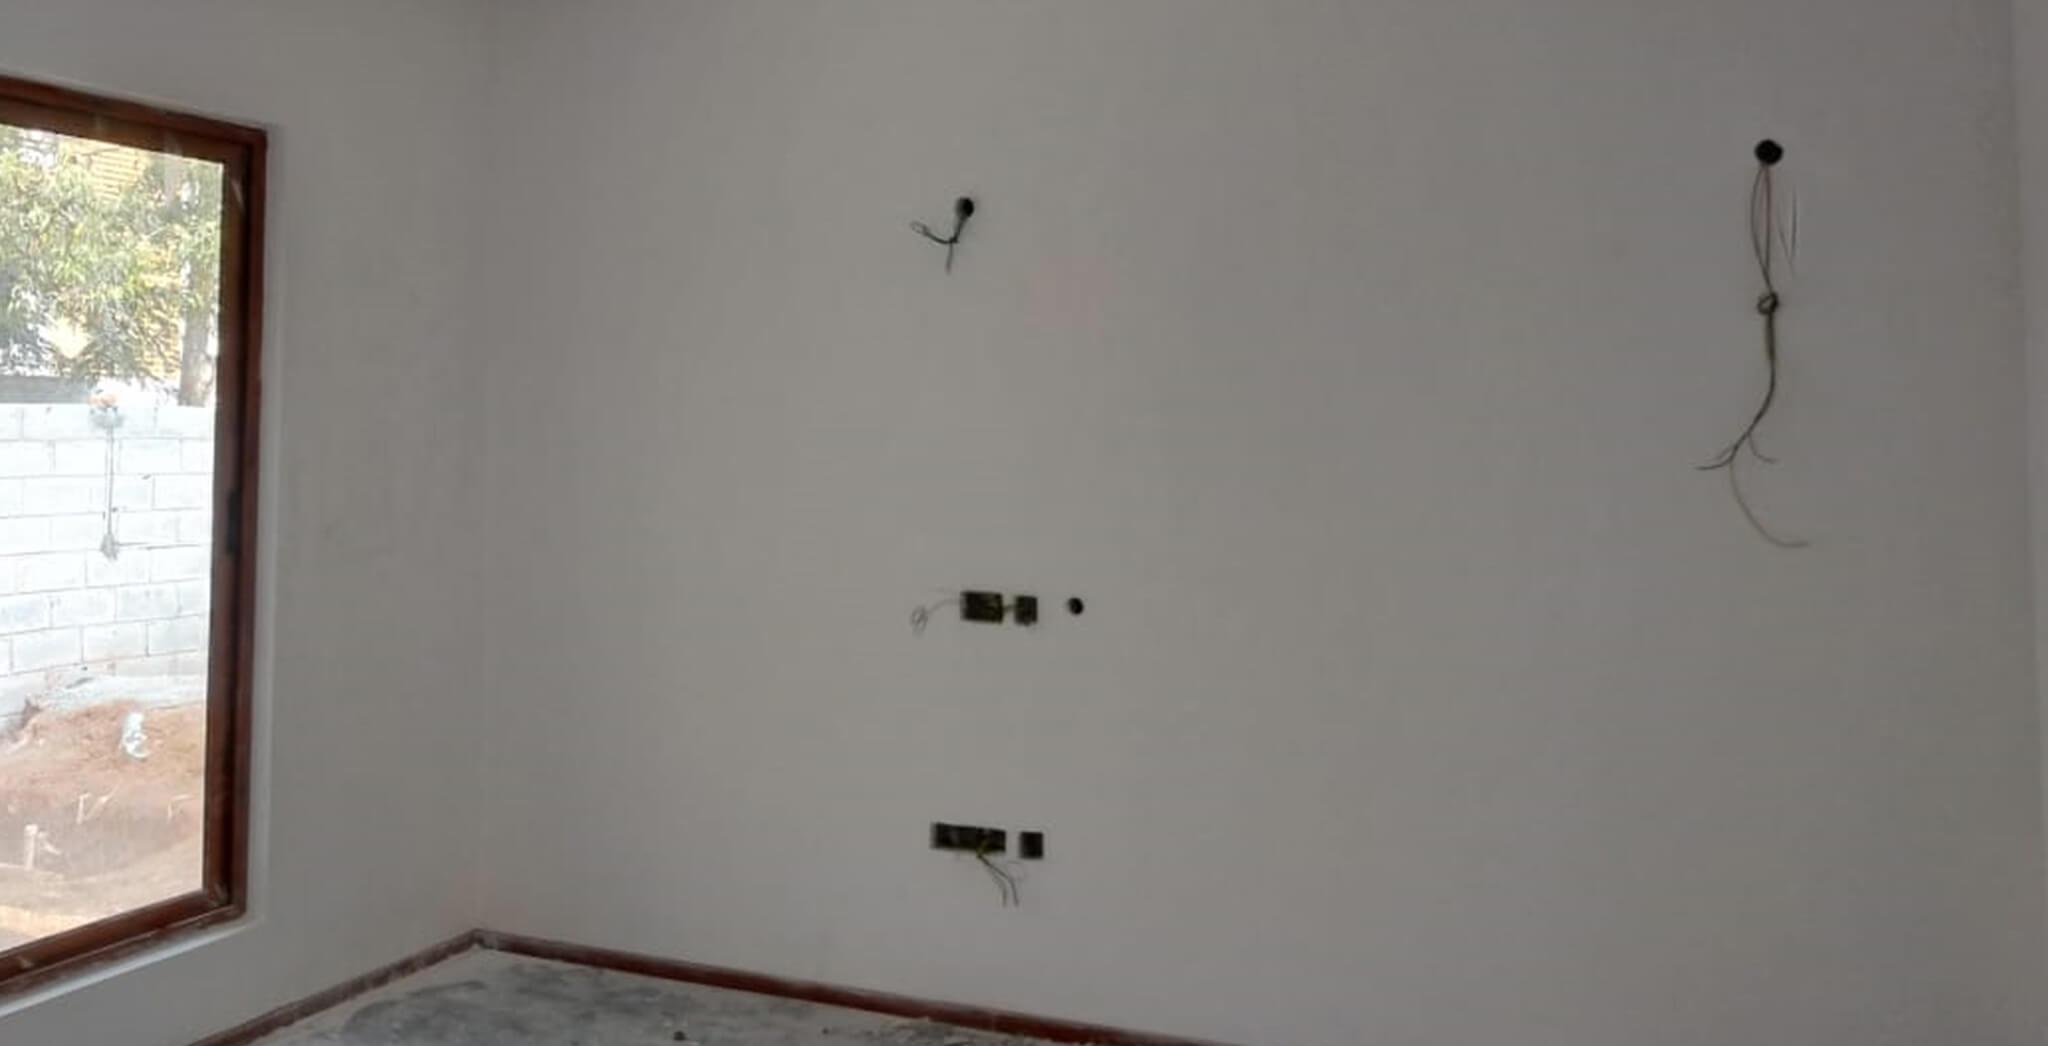 Nov 2018 - Villa B-06A, B-09A, B-10A, B-11B and B-12B internal painting work-in-progress